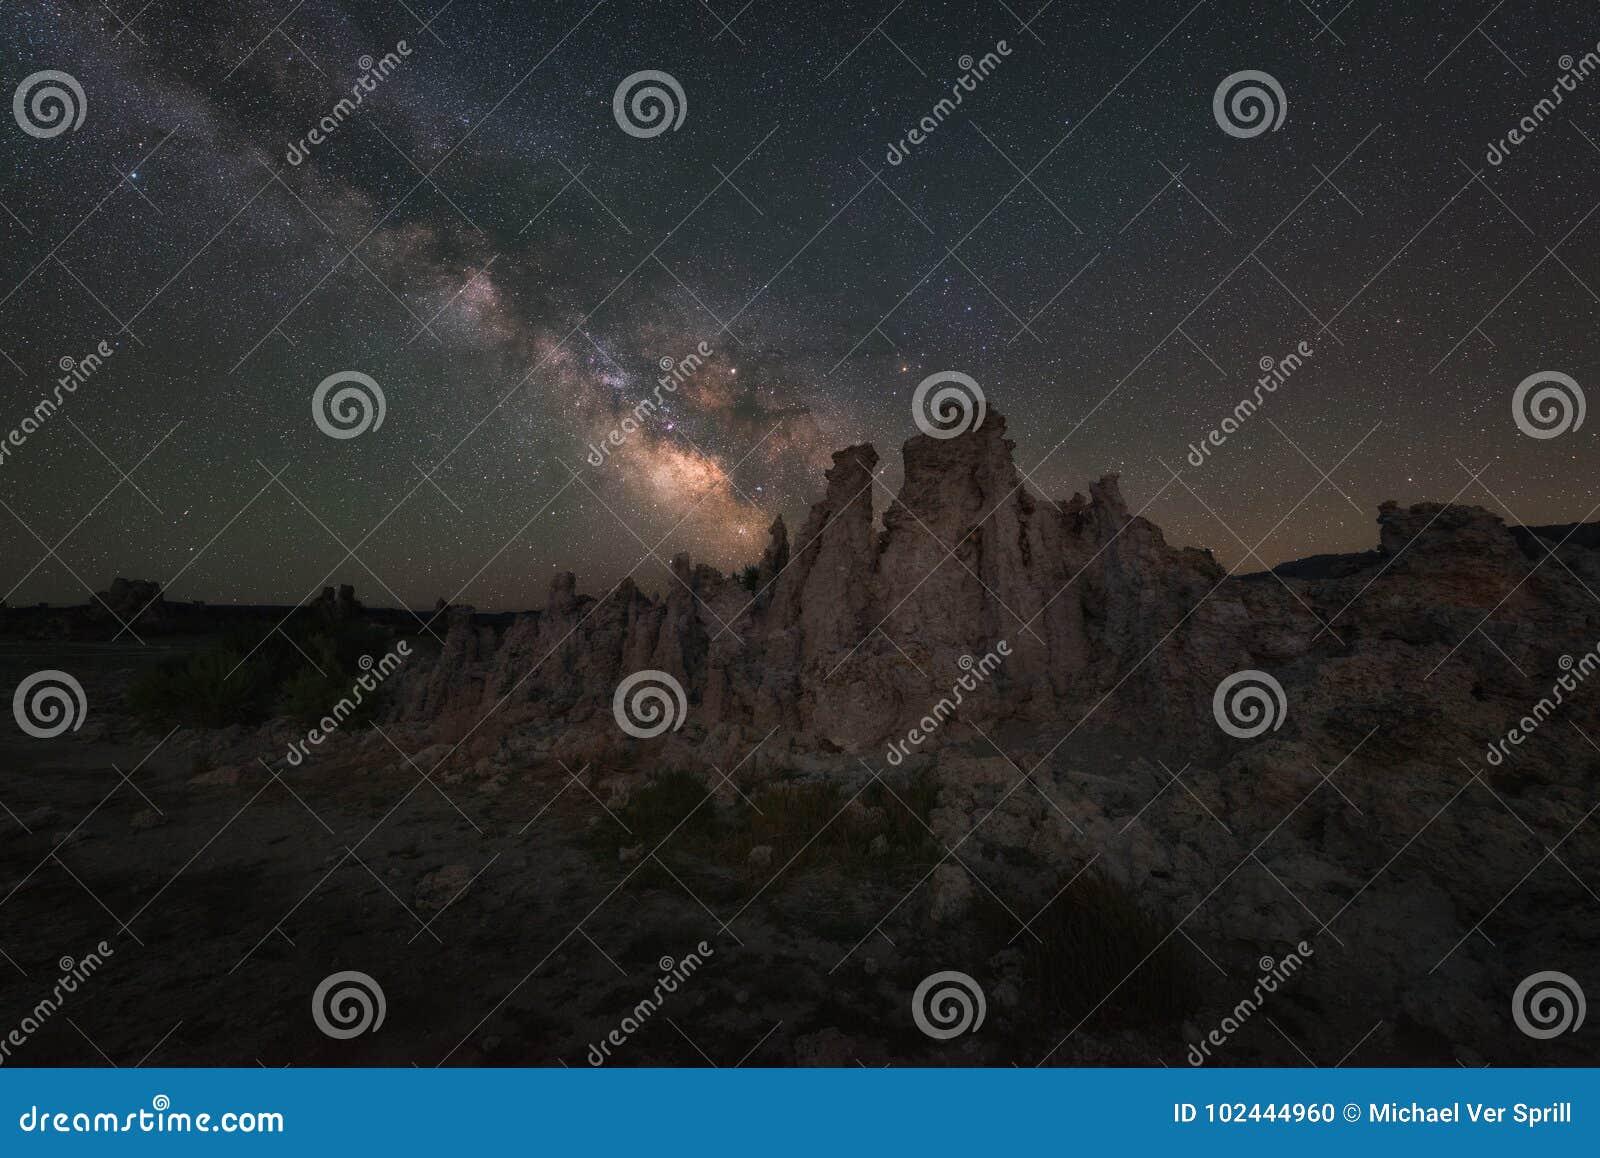 Galaxie de manière laiteuse derrière le tuf au lac mono